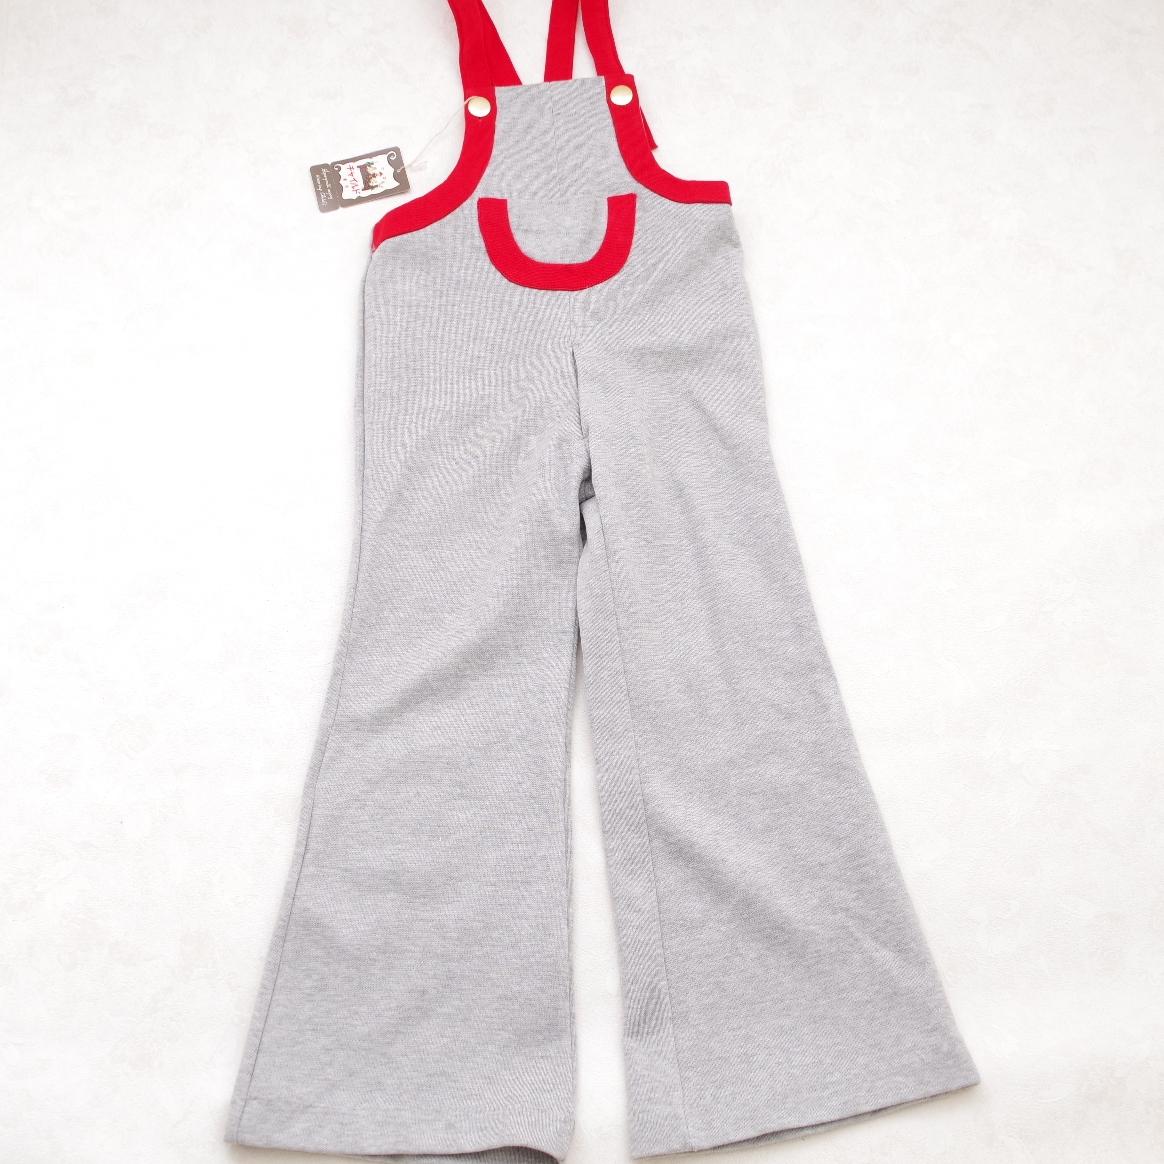 日本製 チャイルドのポケットつき サロペットロングパンツ エンジ色 5-6才用(1612-2548)